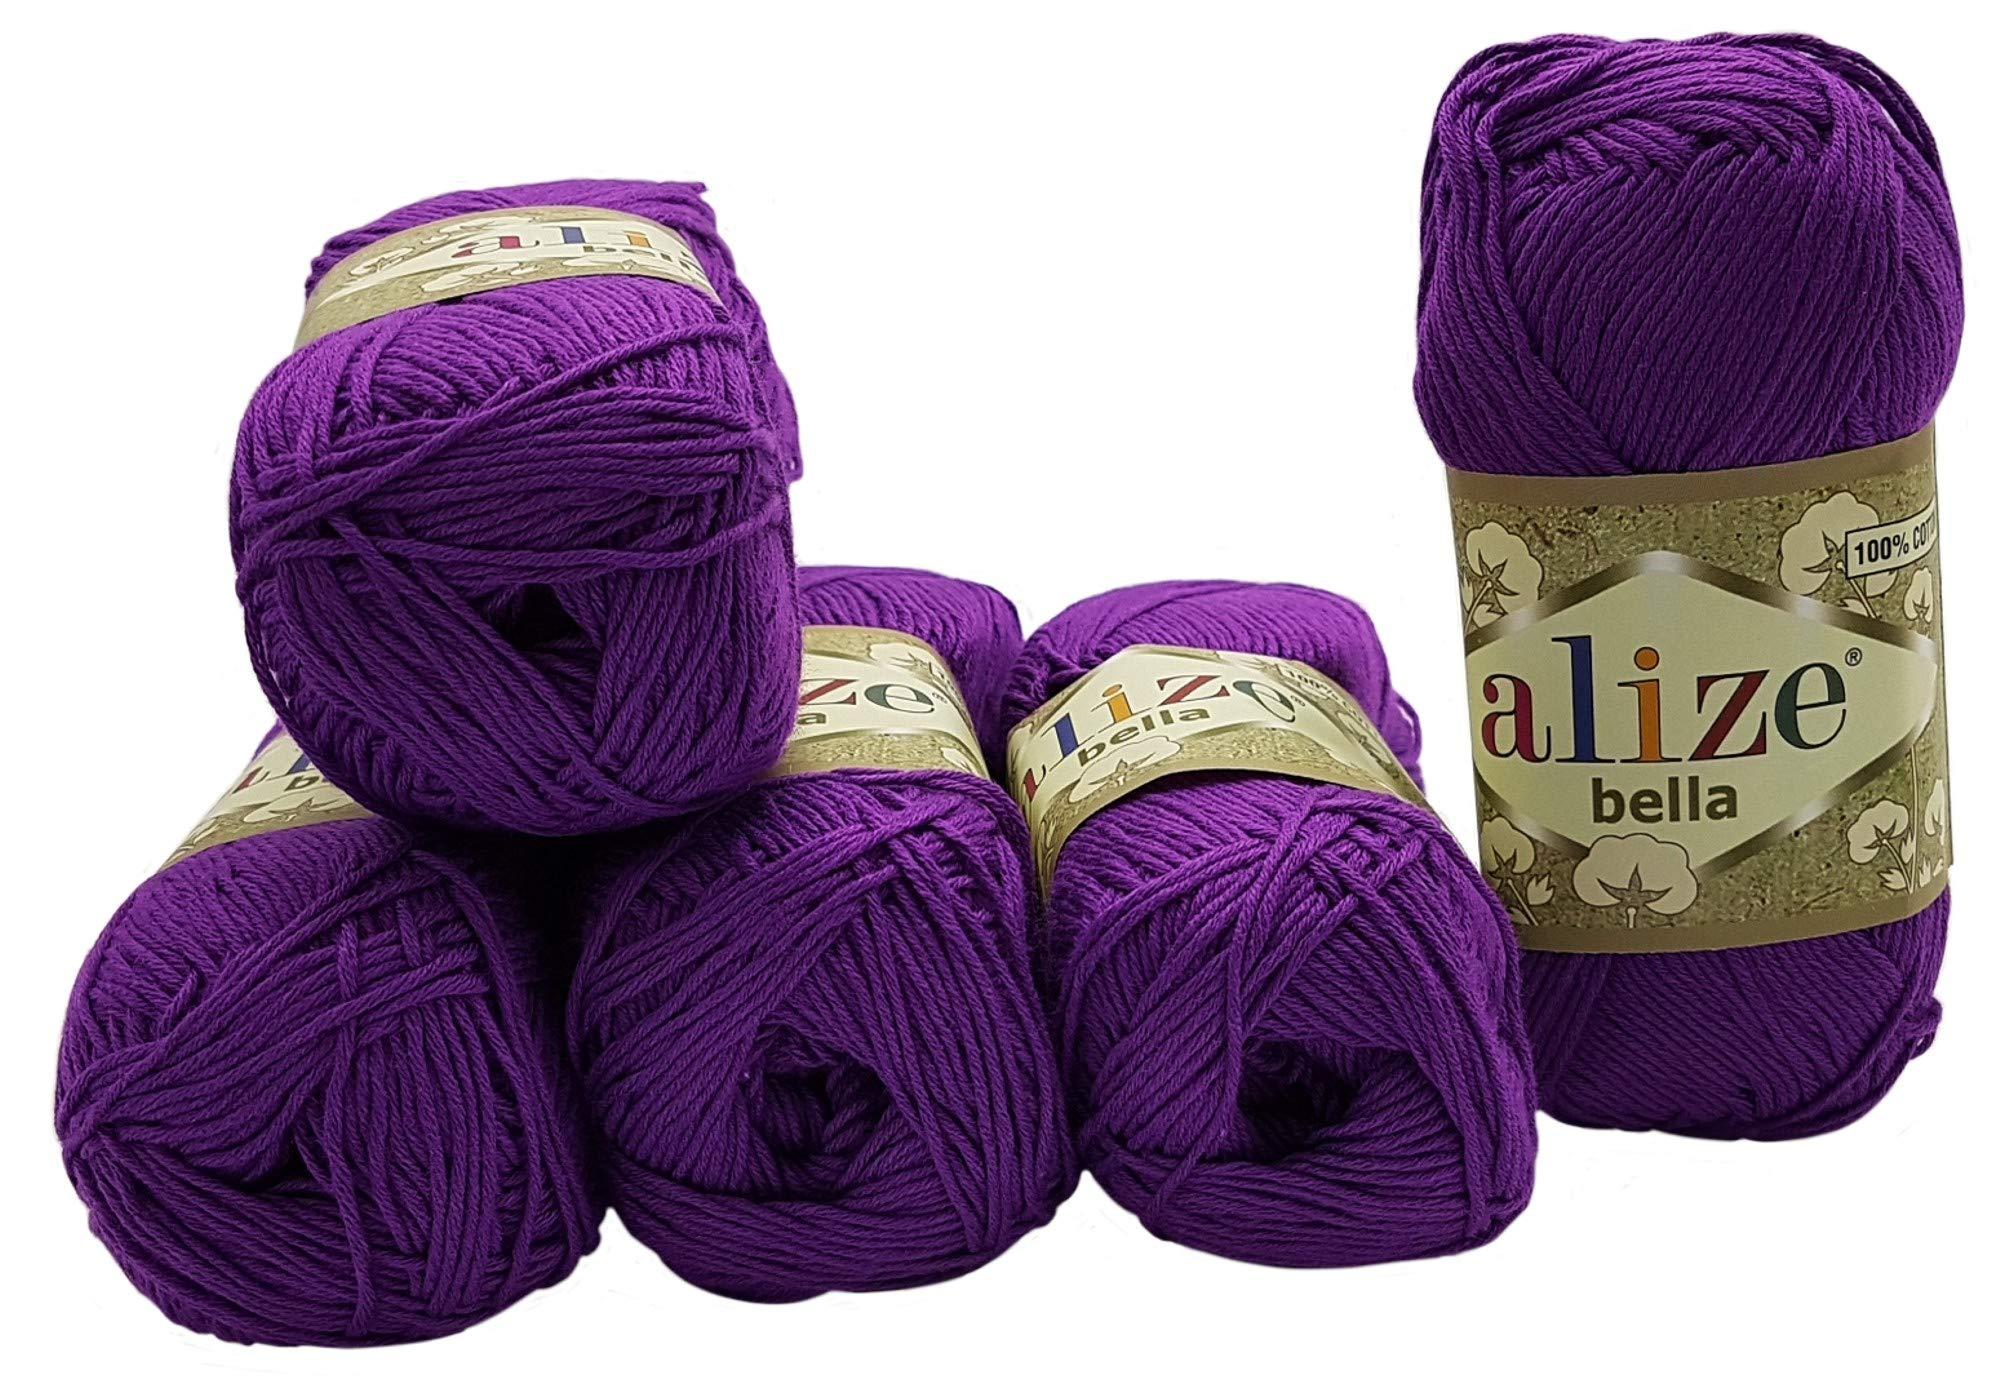 Alize Bella - Ovillo de lana para hacer punto (100 % algodón, 250 g, 5 de 50 g), color liso: Amazon.es: Juguetes y juegos